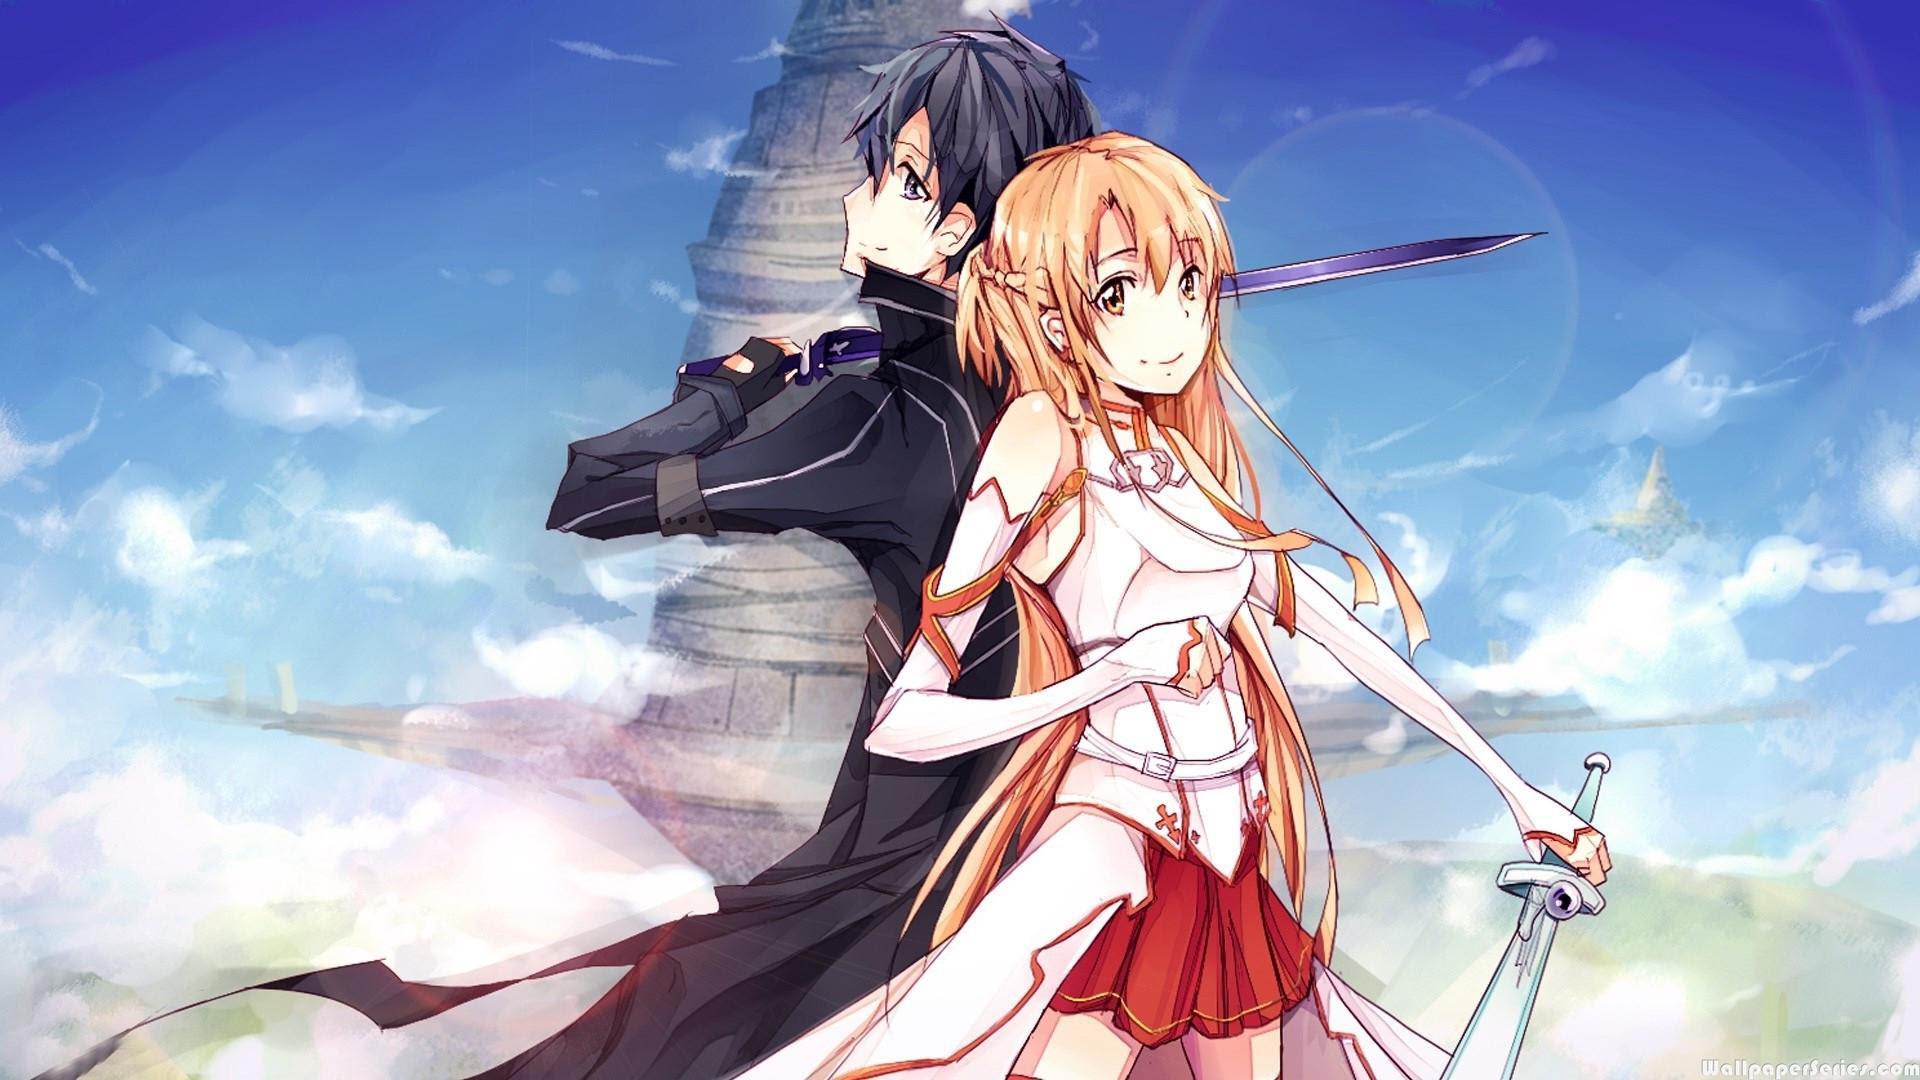 Hd Asuna And Kirito Sword Art Online Wallpaper Download Free